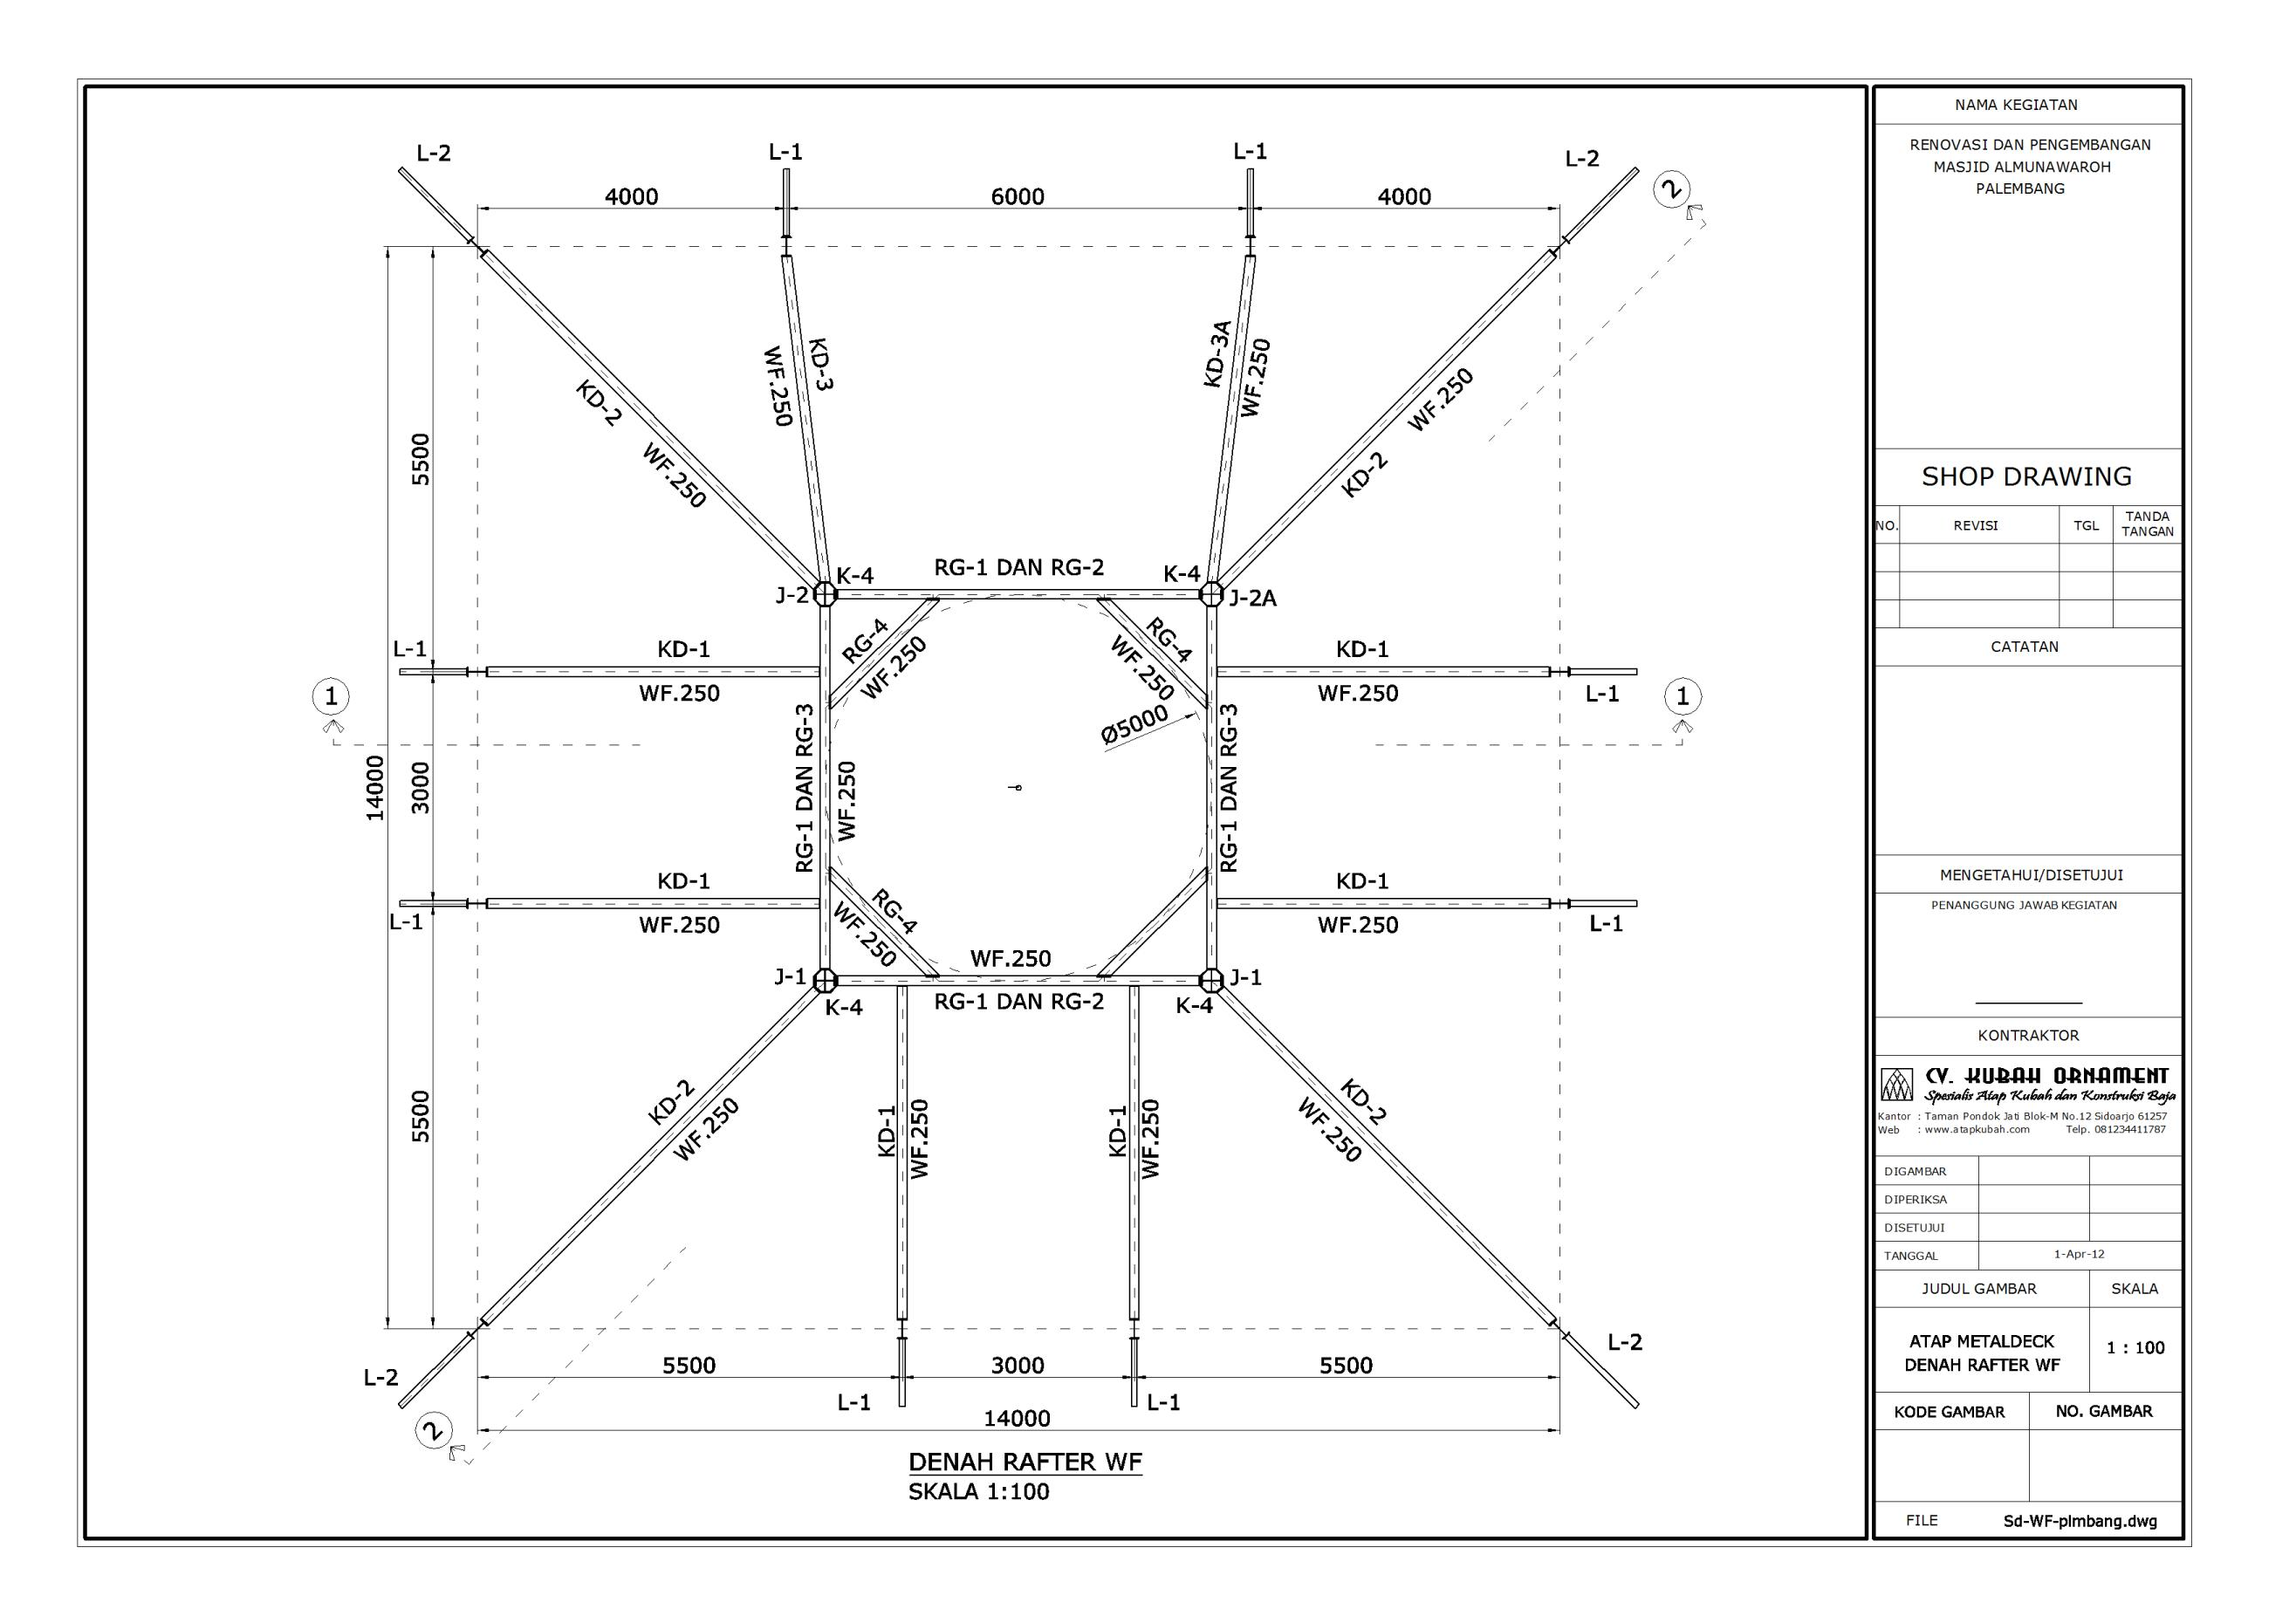 Desain Konstruksi Baja Atap Wf Konstruksi Besi Baja Berat Cv